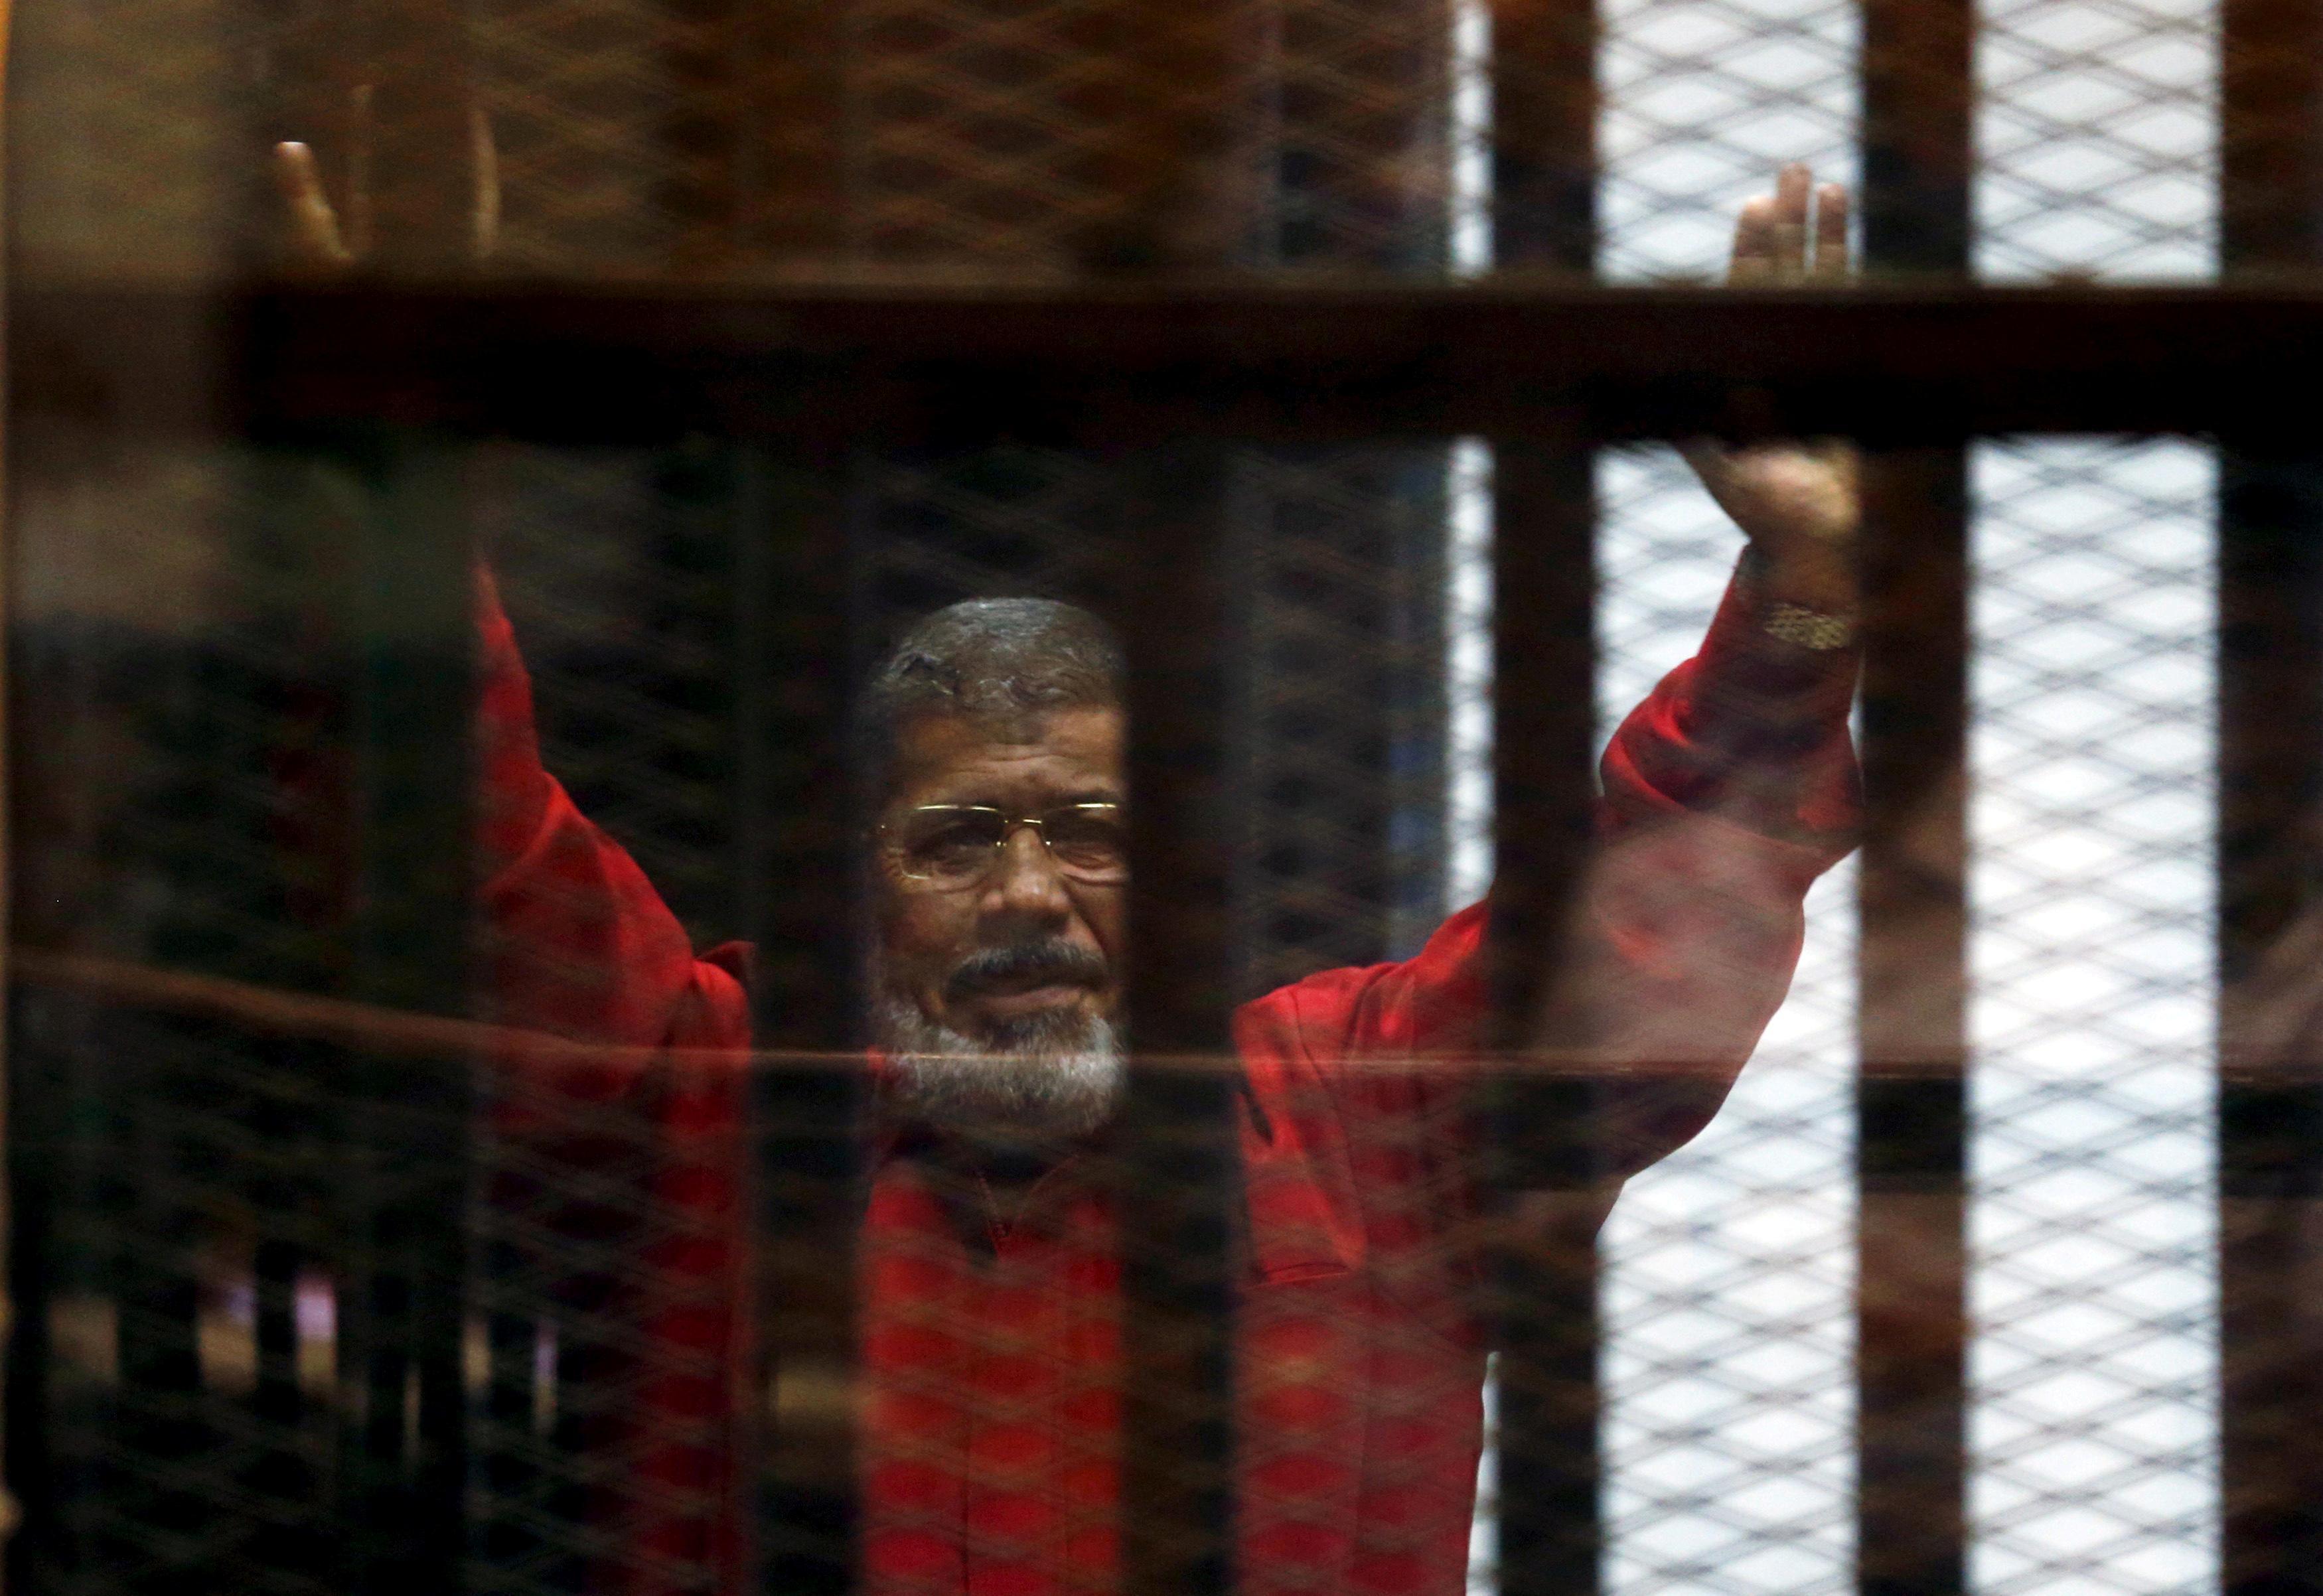 Egypt's former president Mursi dies: state television